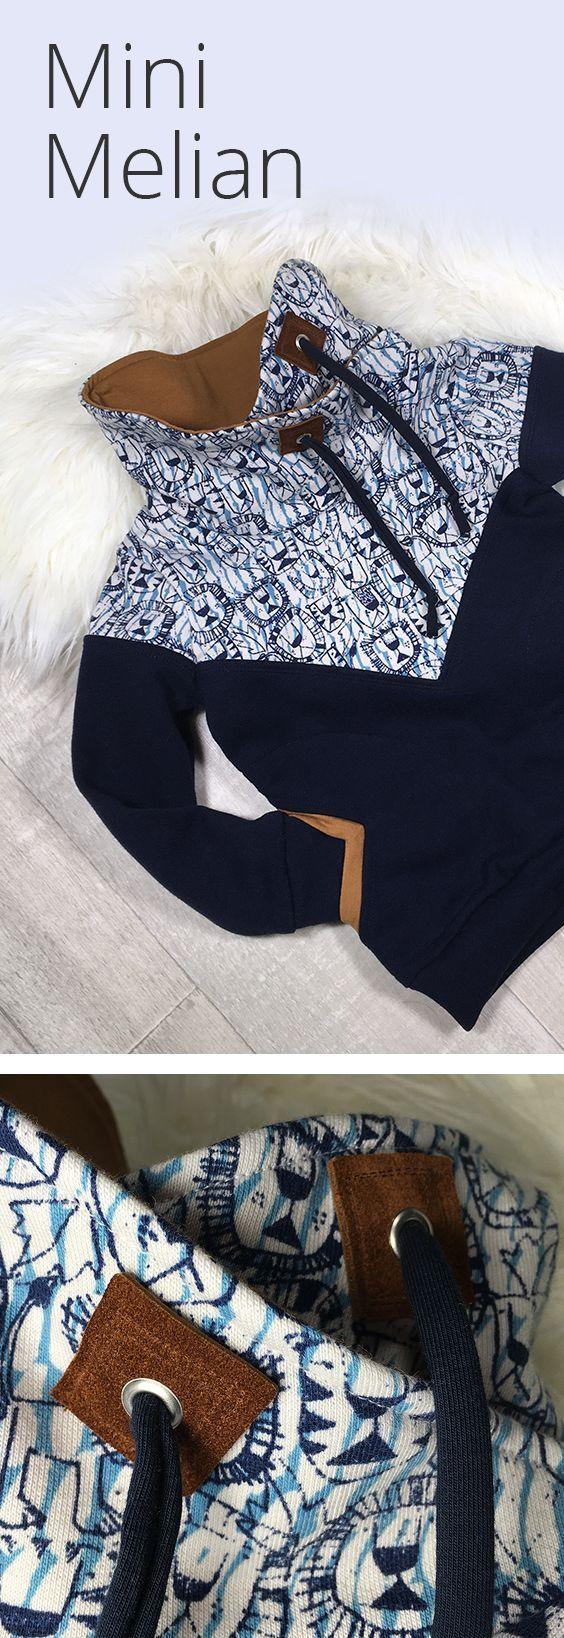 die besten 25 baby pullover ideen auf pinterest bekleidung f r kleine jungs kindermode junge. Black Bedroom Furniture Sets. Home Design Ideas